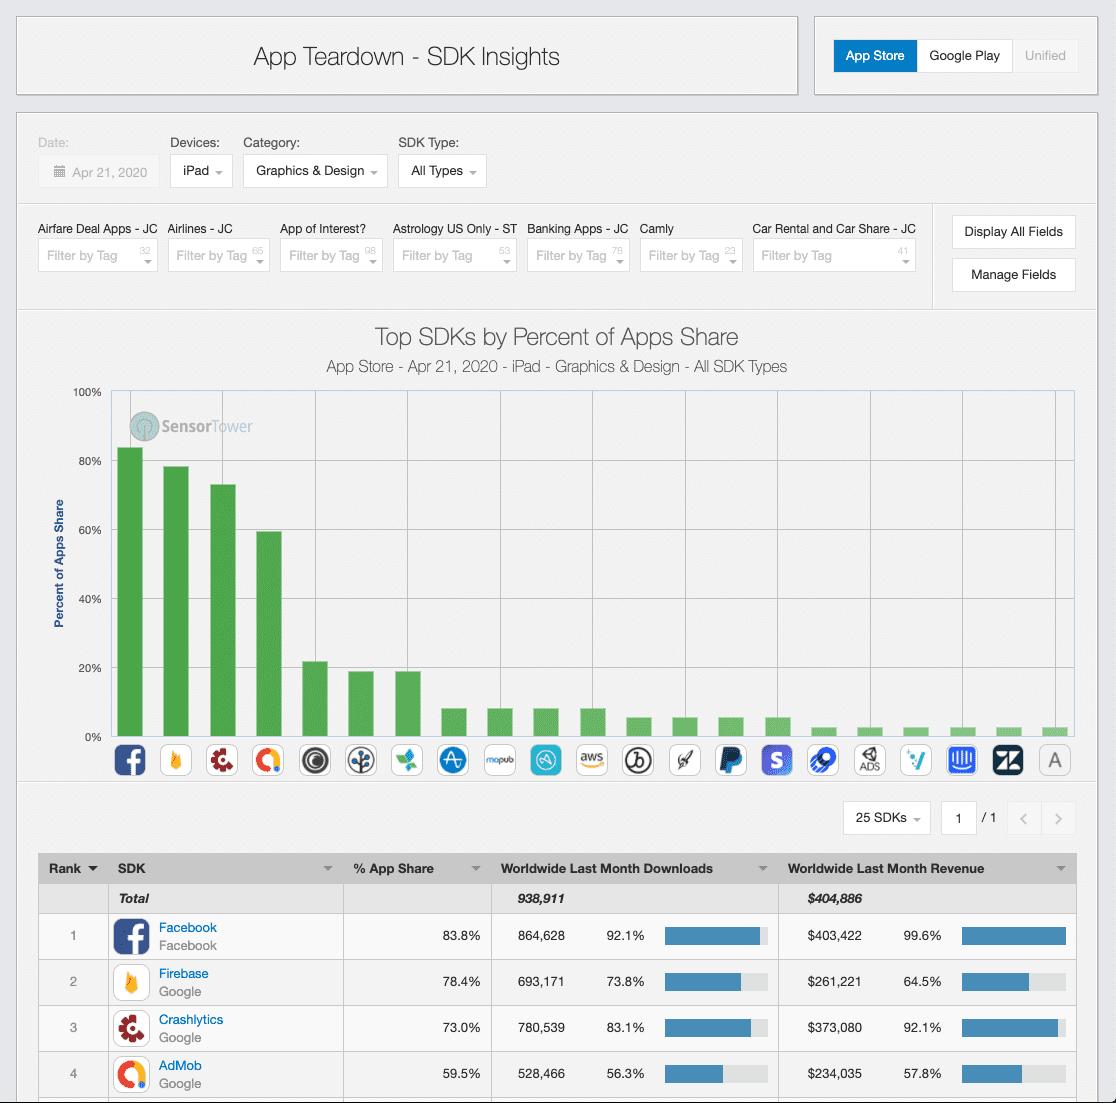 sensortower app teardown top sdks